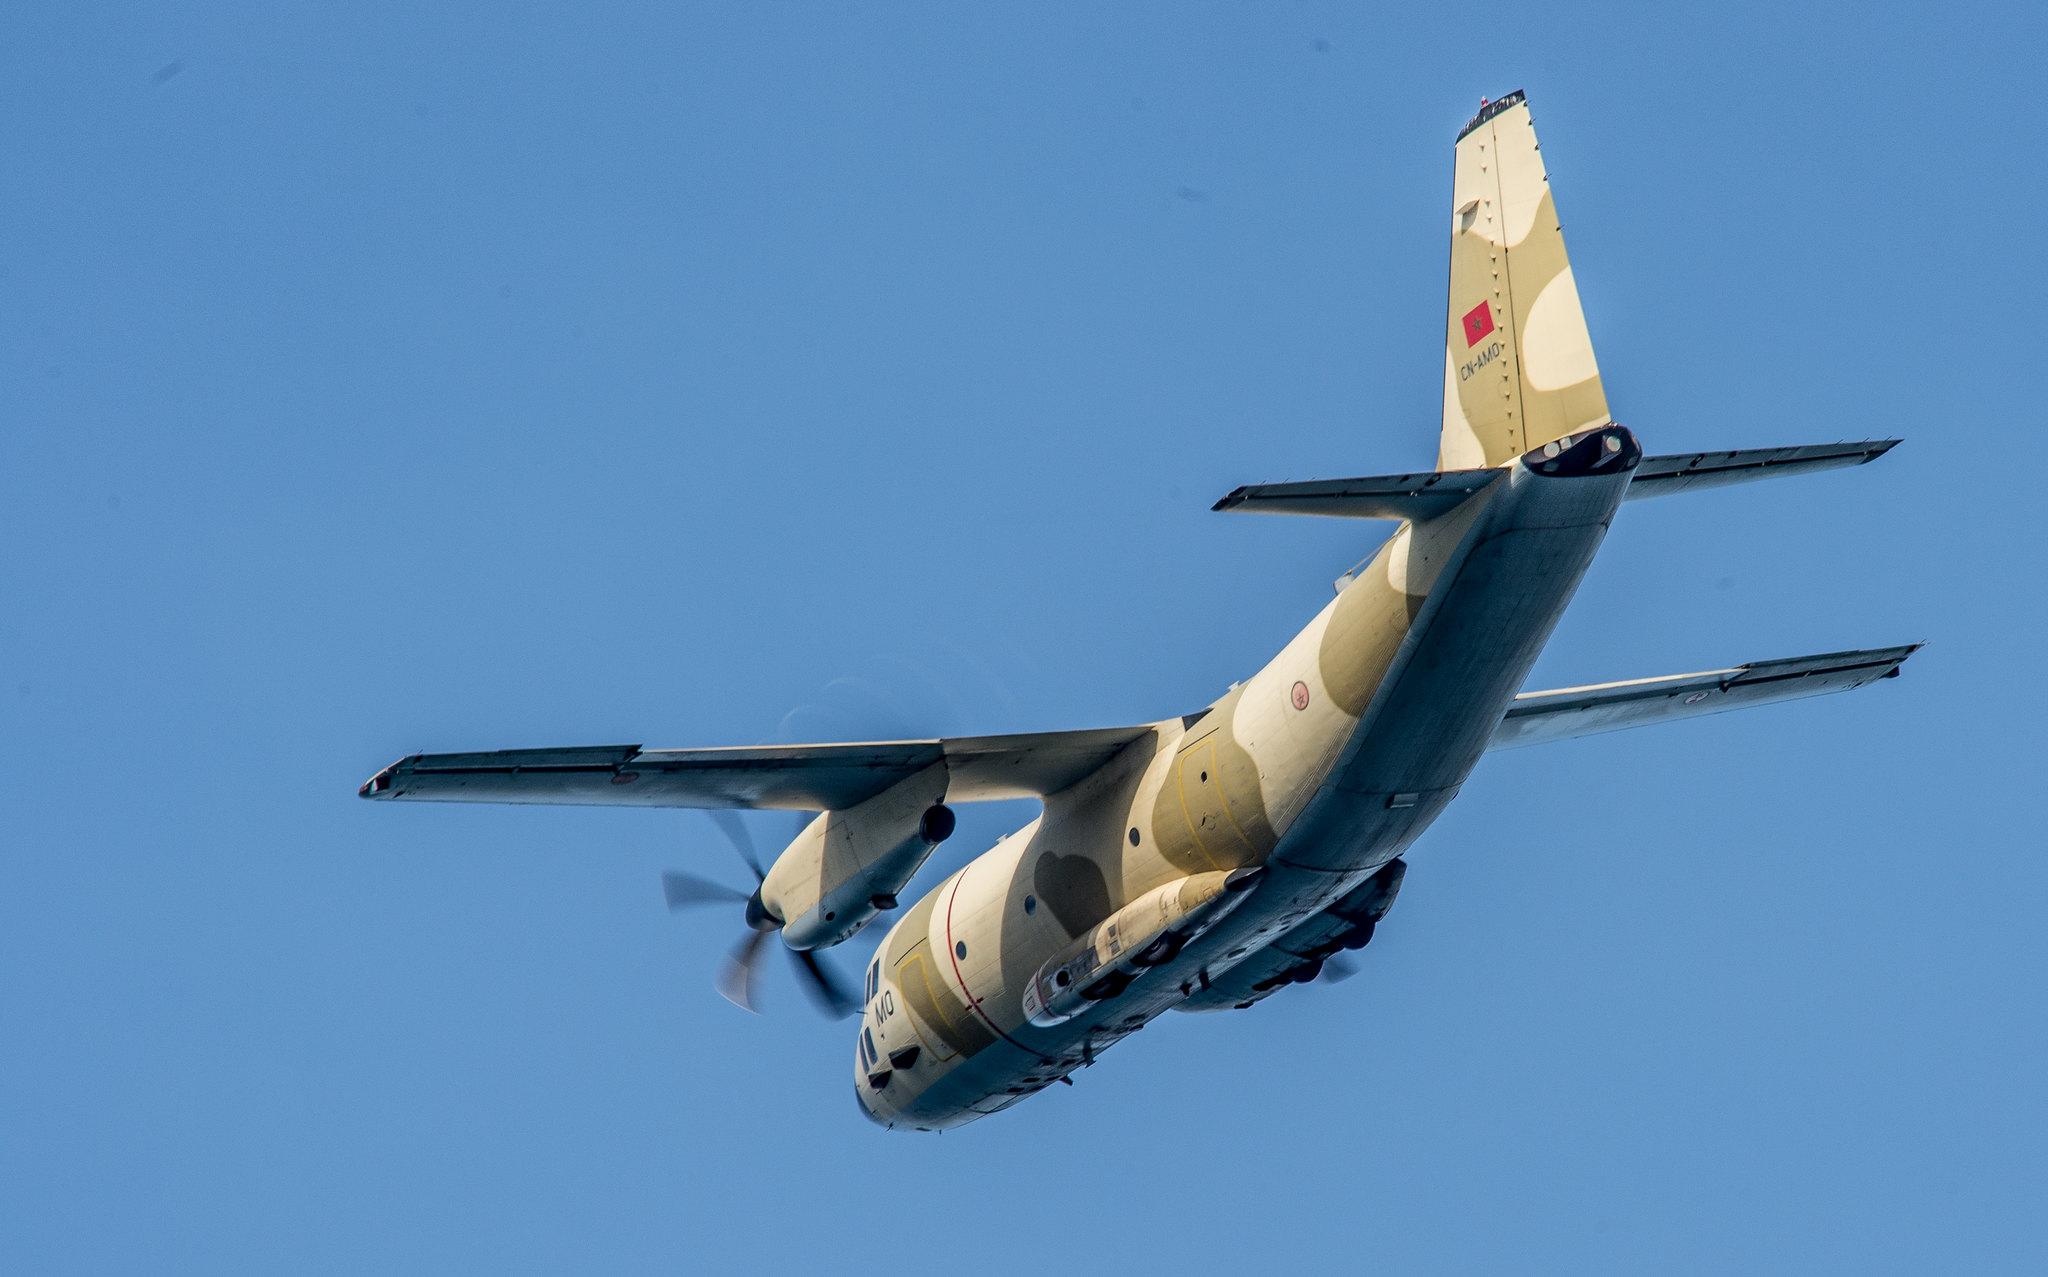 طائرات النقل العاملة بالقوات المسلحة المغربية - صفحة 3 24344051104_88a52d1dd8_k